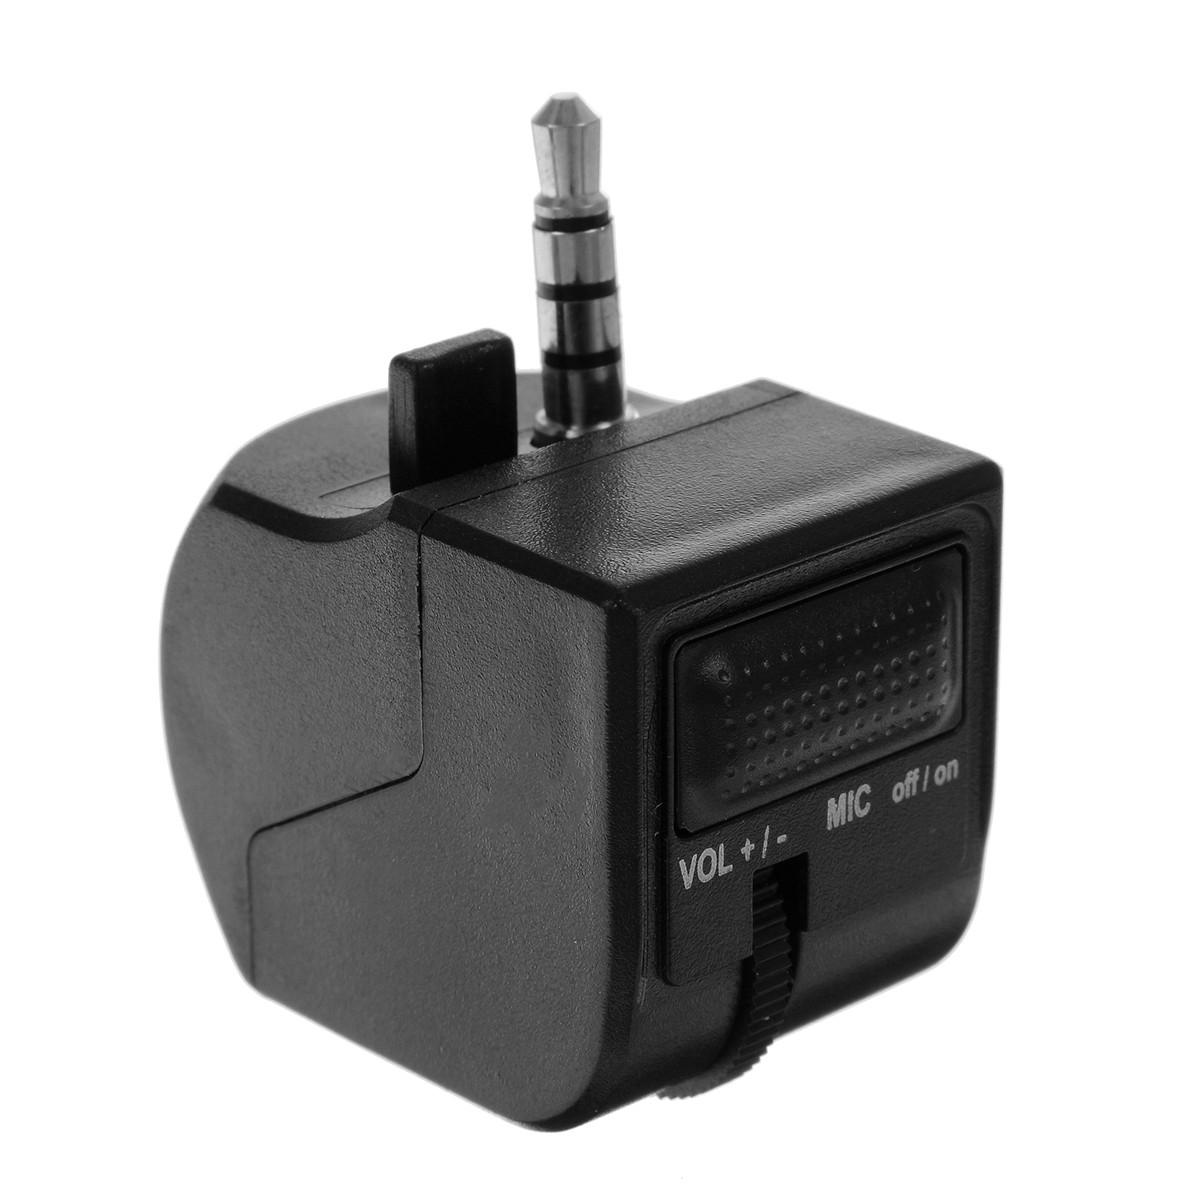 Регулятор громкости ручек Контроллер игры Наушники Управление наушниками с микрофоном для PS4 1TopShop